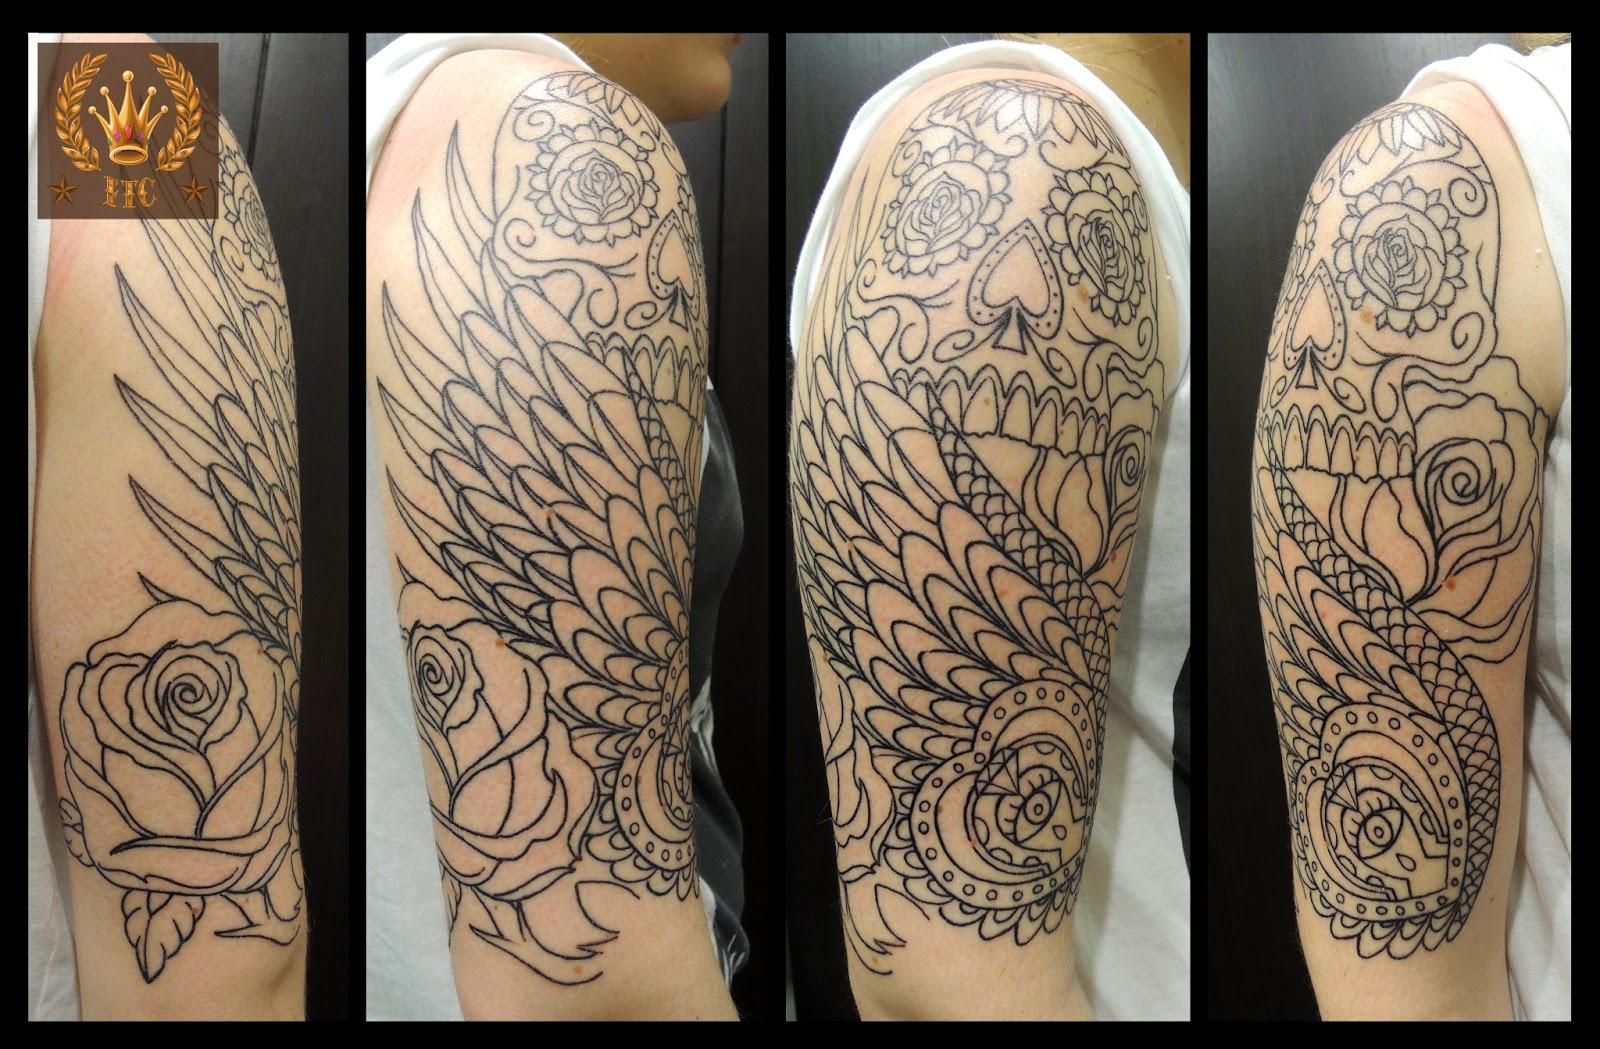 Pin bras tatouage old school on pinterest - Tatouage crane mexicain ...